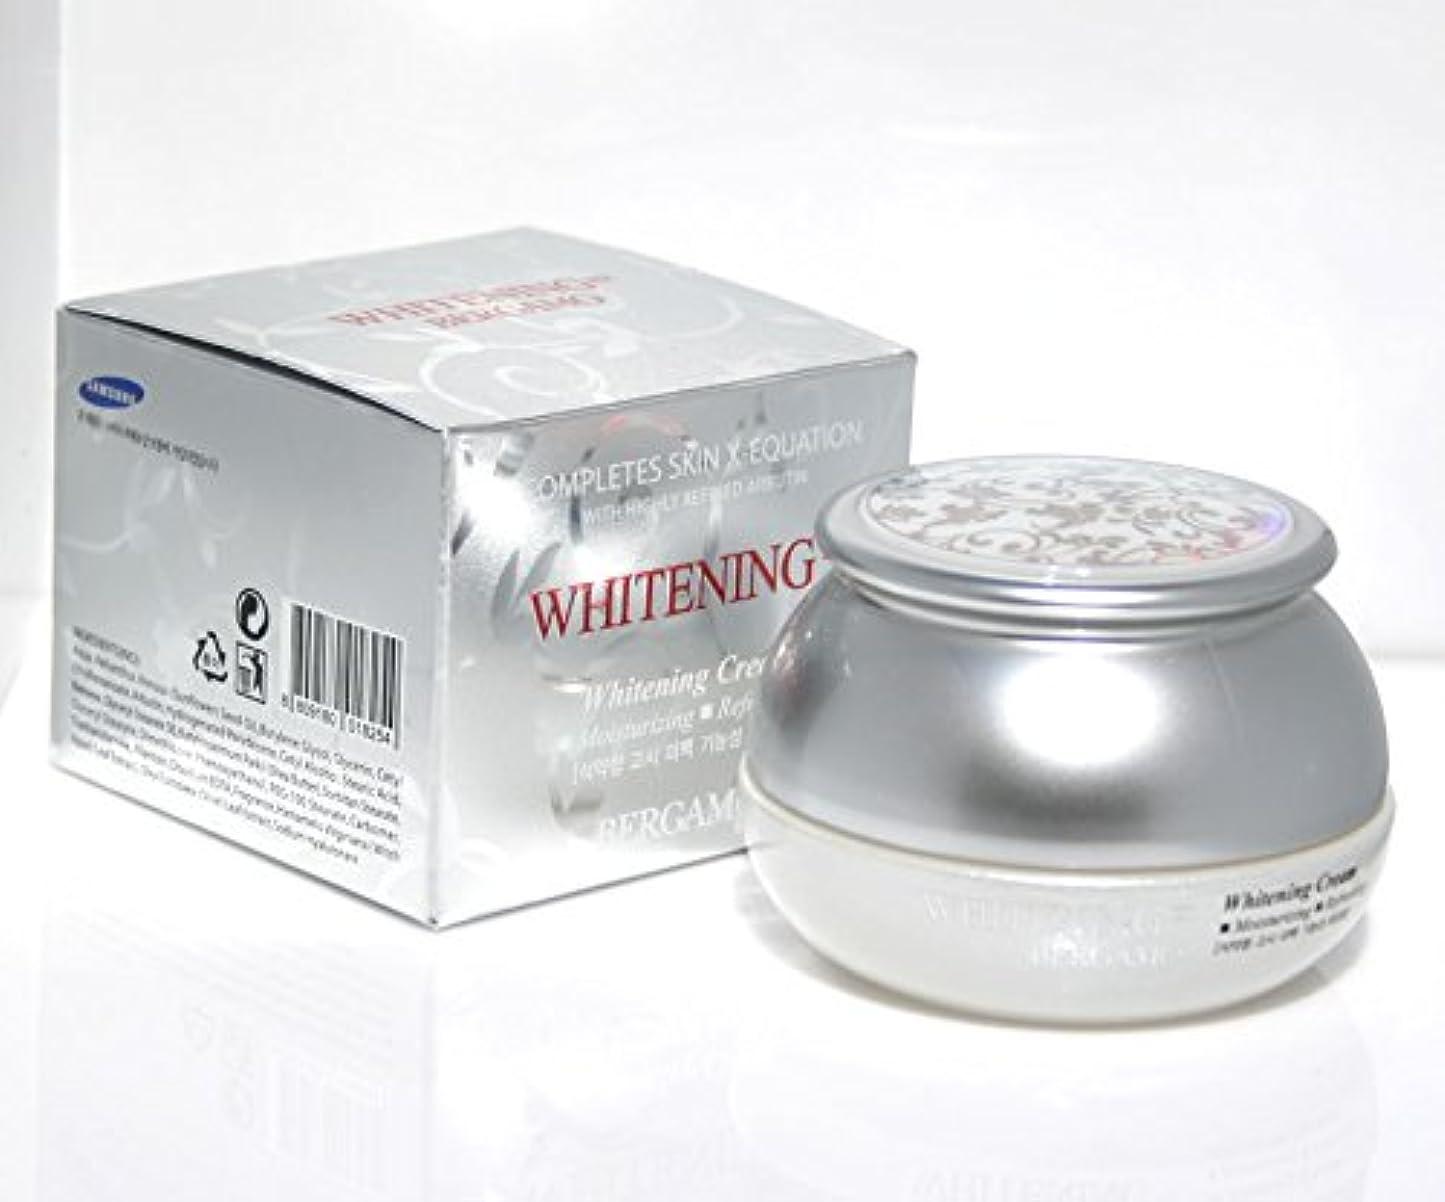 彼女の変換する首尾一貫した【ベルガモ][Bergamo]  は、高度に精製アルブチンホワイトニング例クリーム50g /  Completes Skin X-equation with Highly Refined Albutin Whitening...